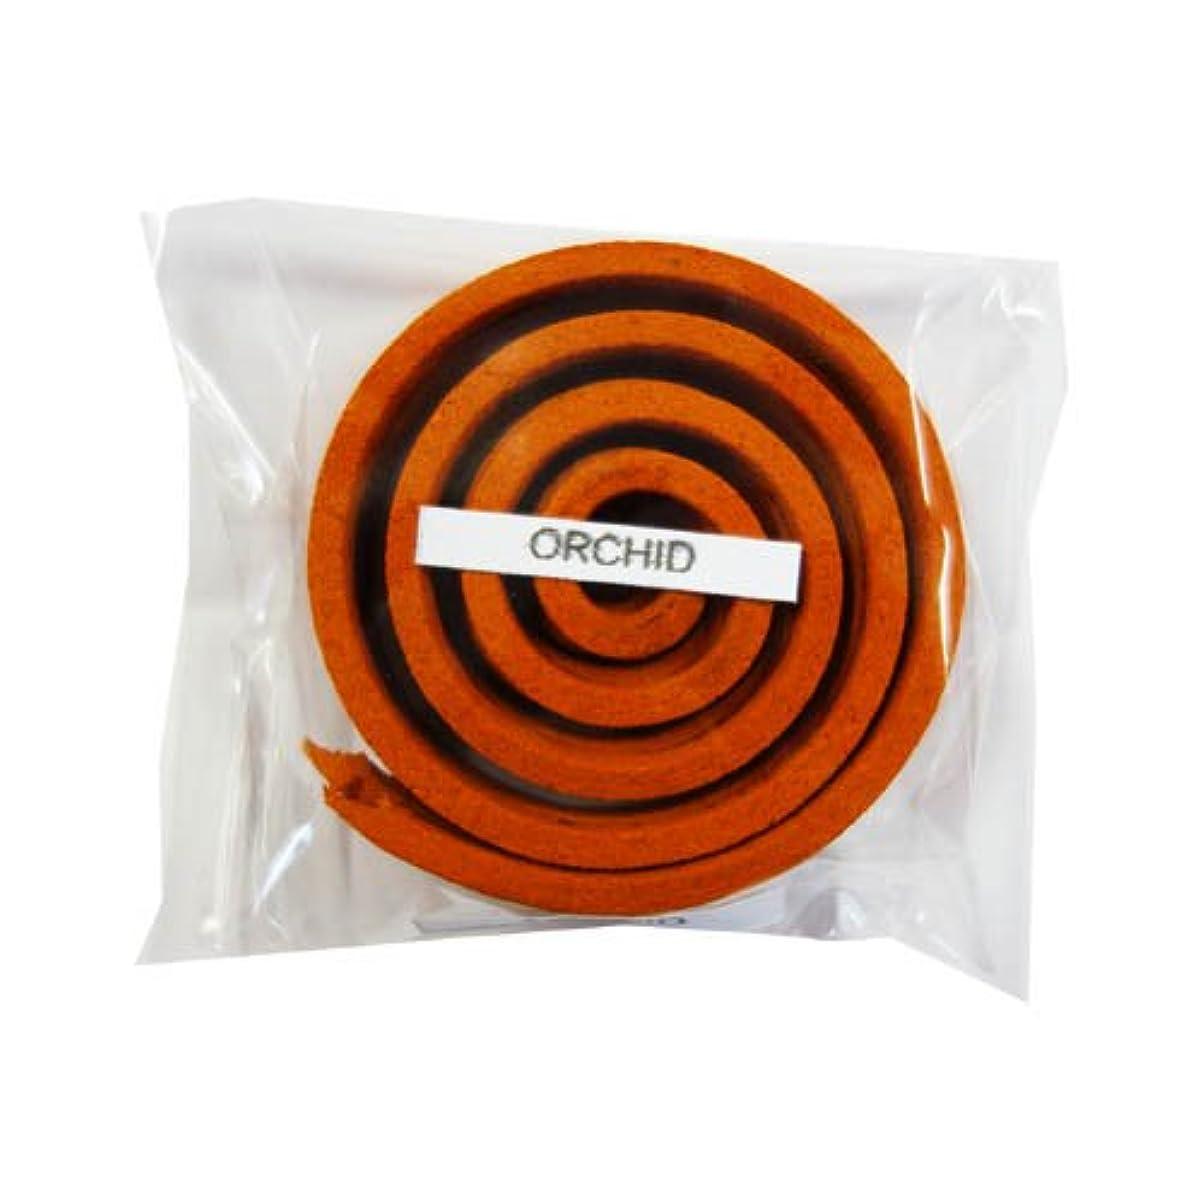 扇動するリークパトロールお香/うずまき香 ORCHID オーキッド 直径5cm×5巻セット [並行輸入品]